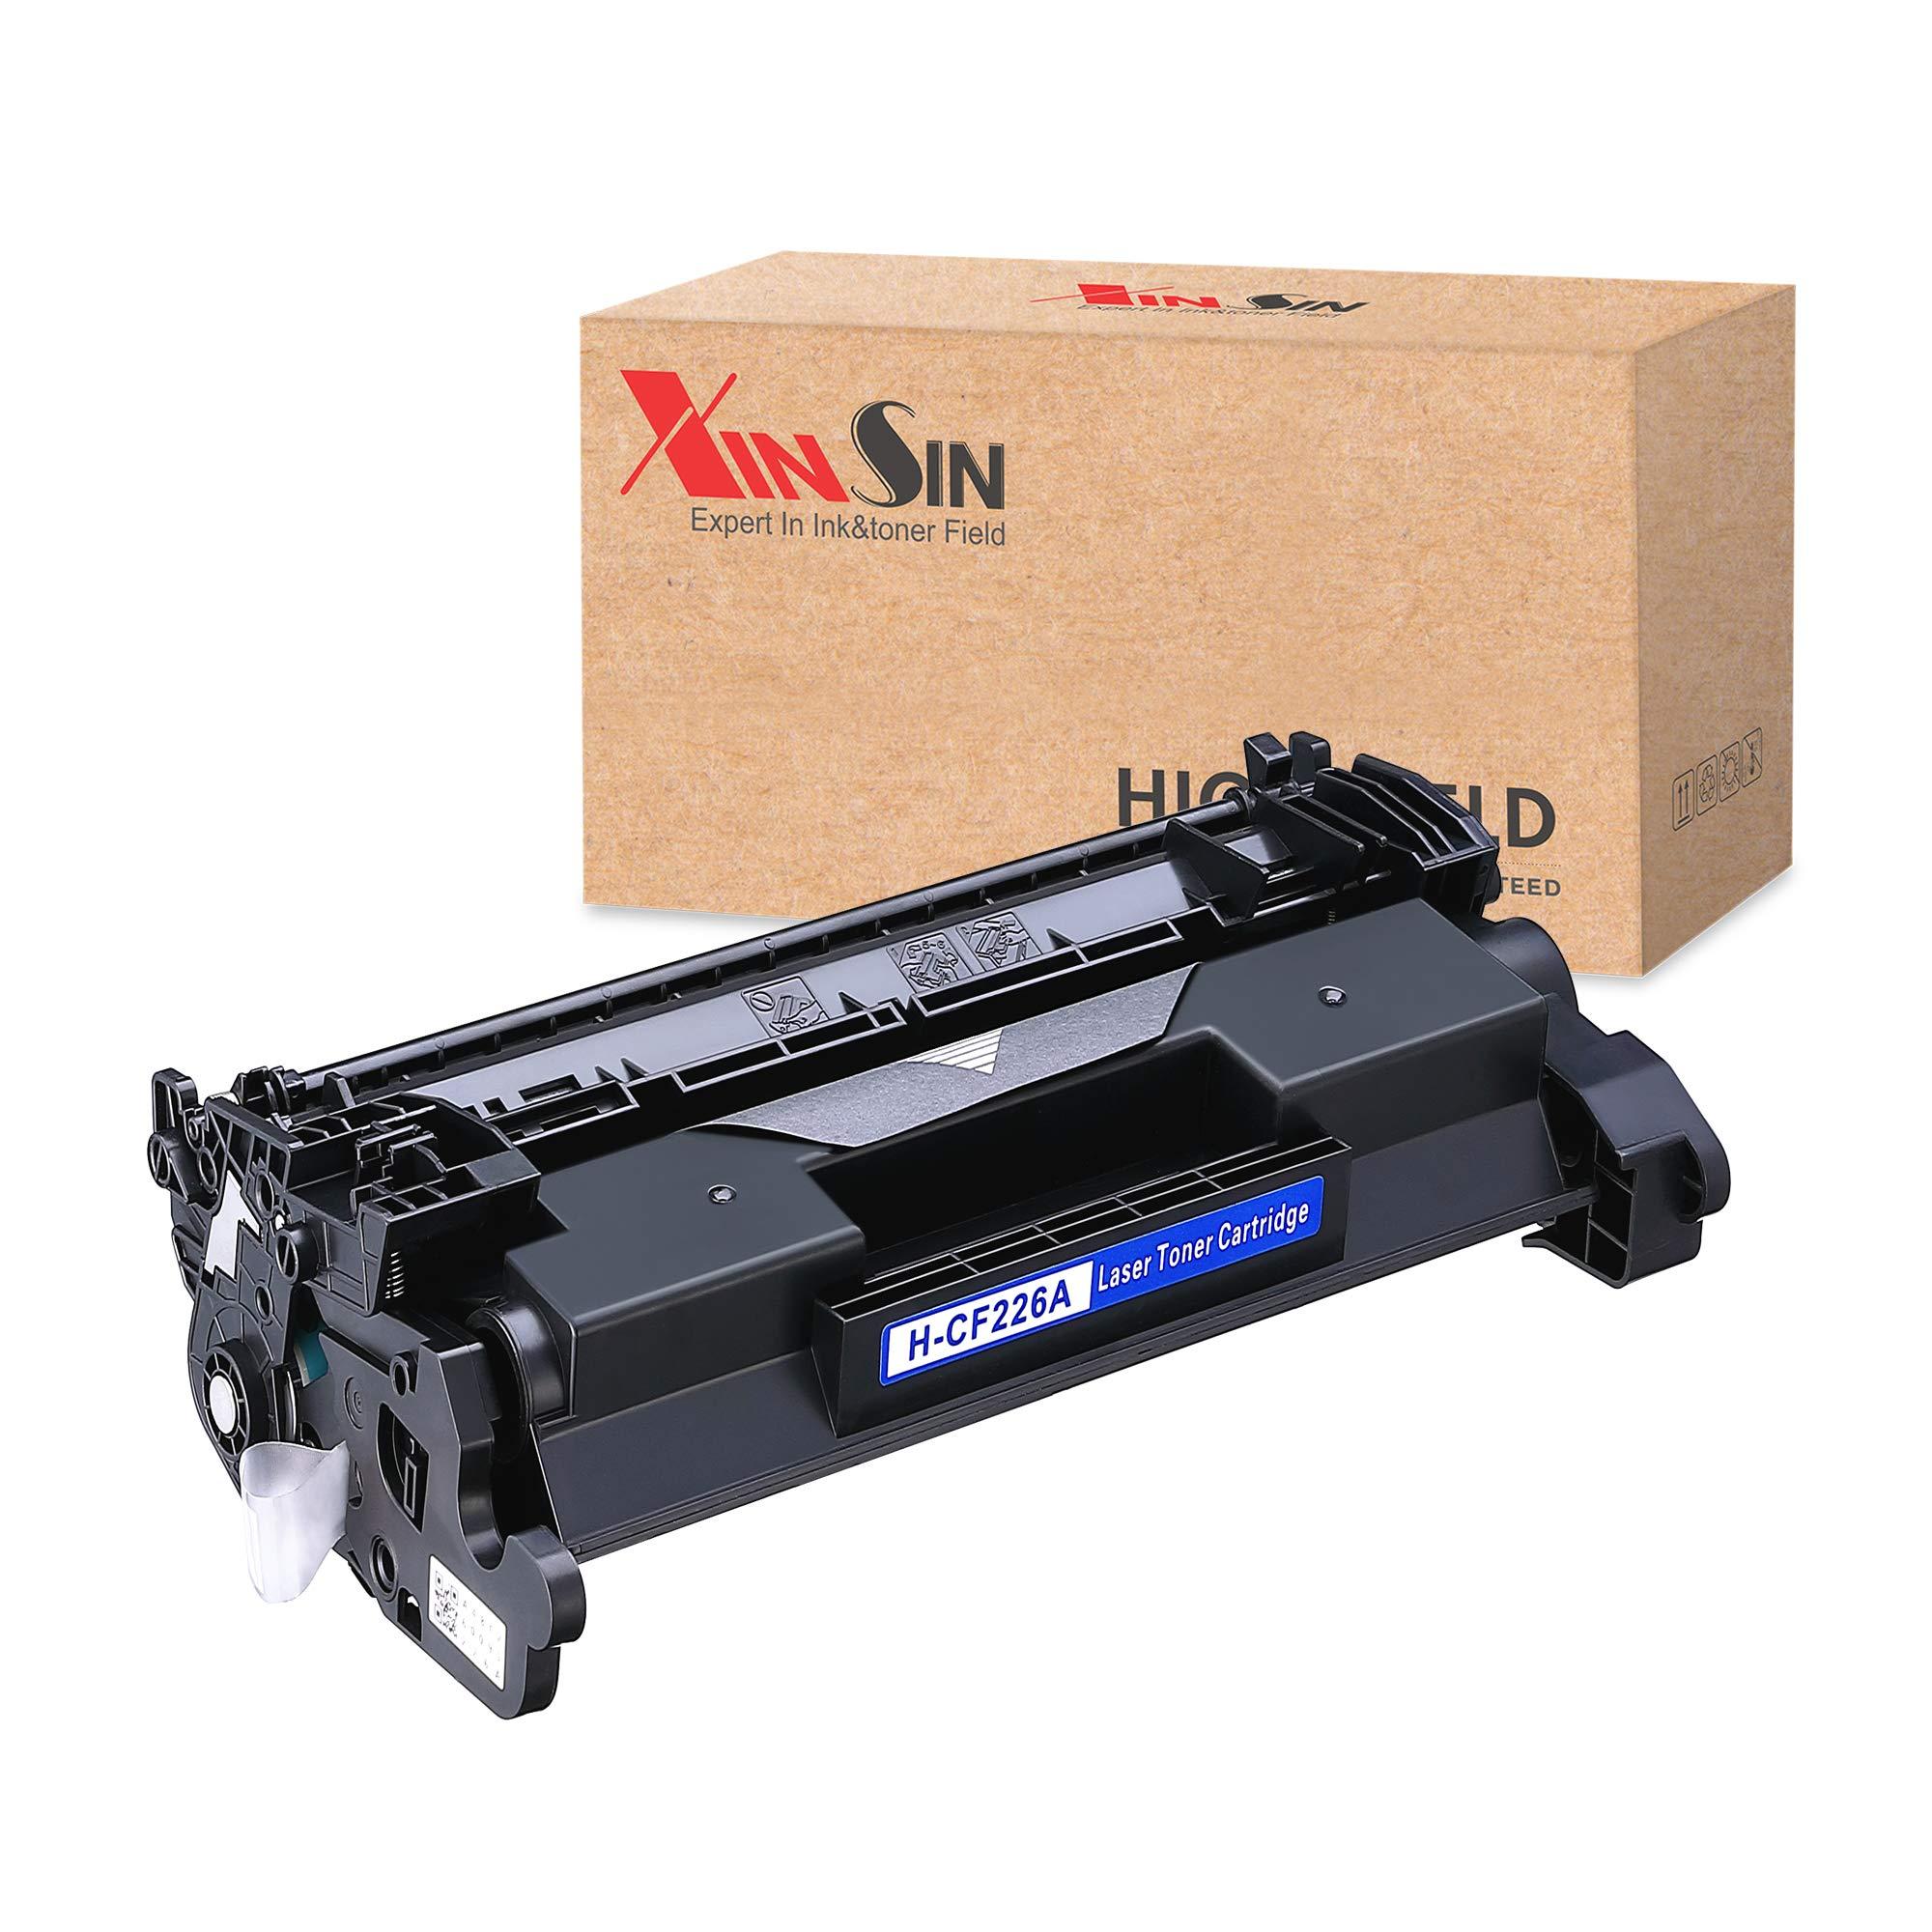 Toner Alternativo ( X1 ) Alta Capacidad Negro 26A CF226A M402 M426 XINSIN 4500-Paginas M402n M402dn M402dw M402d MFP M42